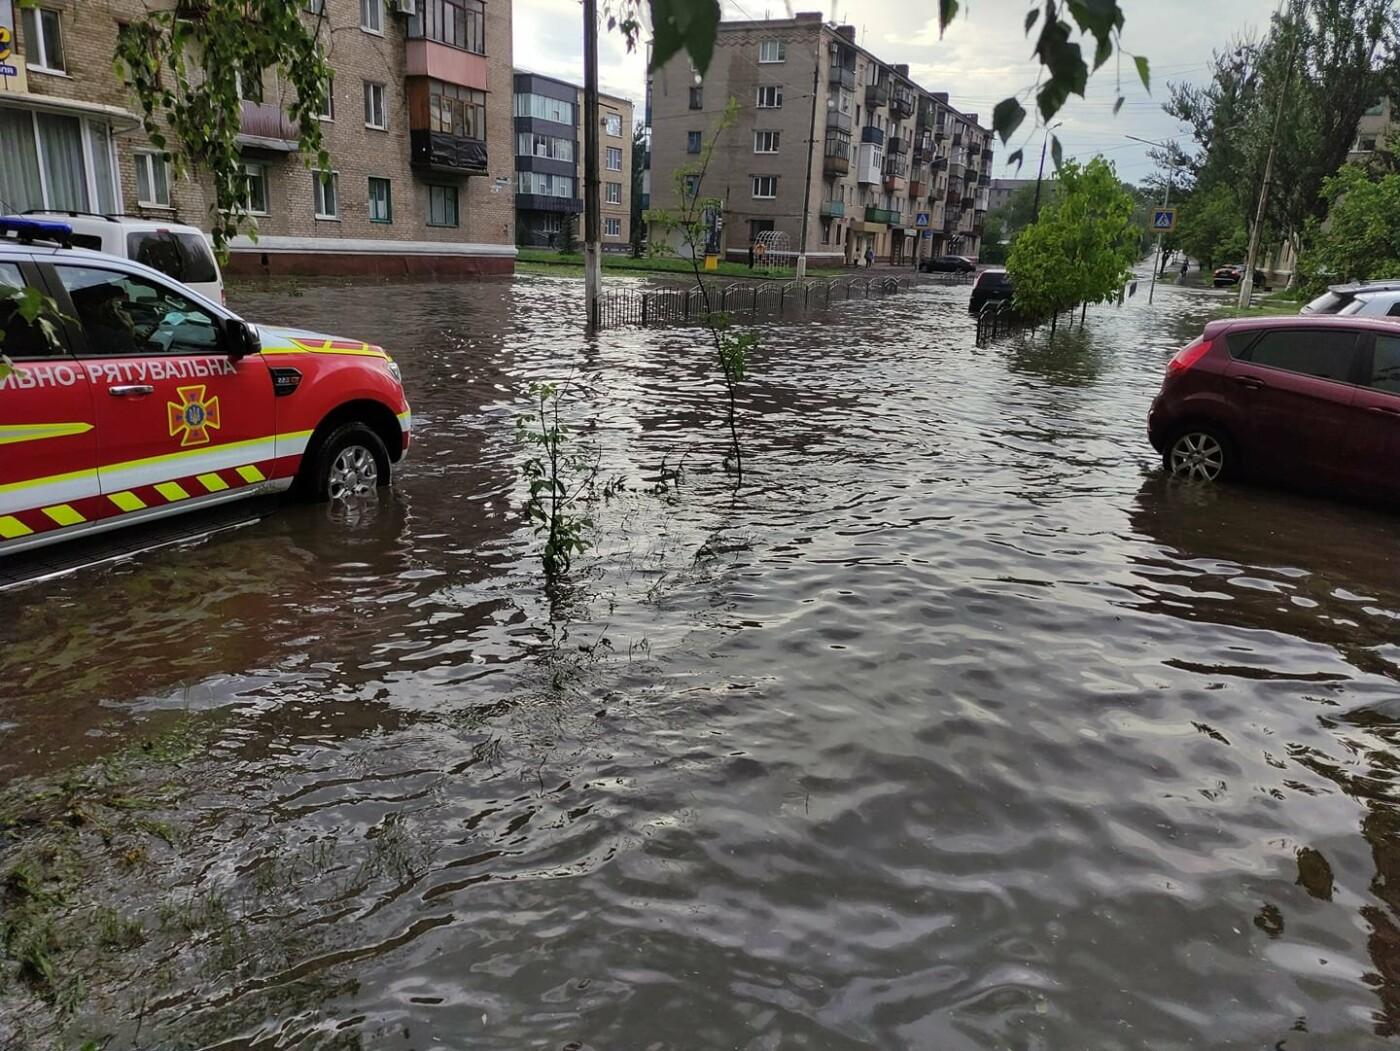 Човен не знадобиться? Після сильних дощів у Слов'янську планують обладнати нову зливову каналізацію , фото-2